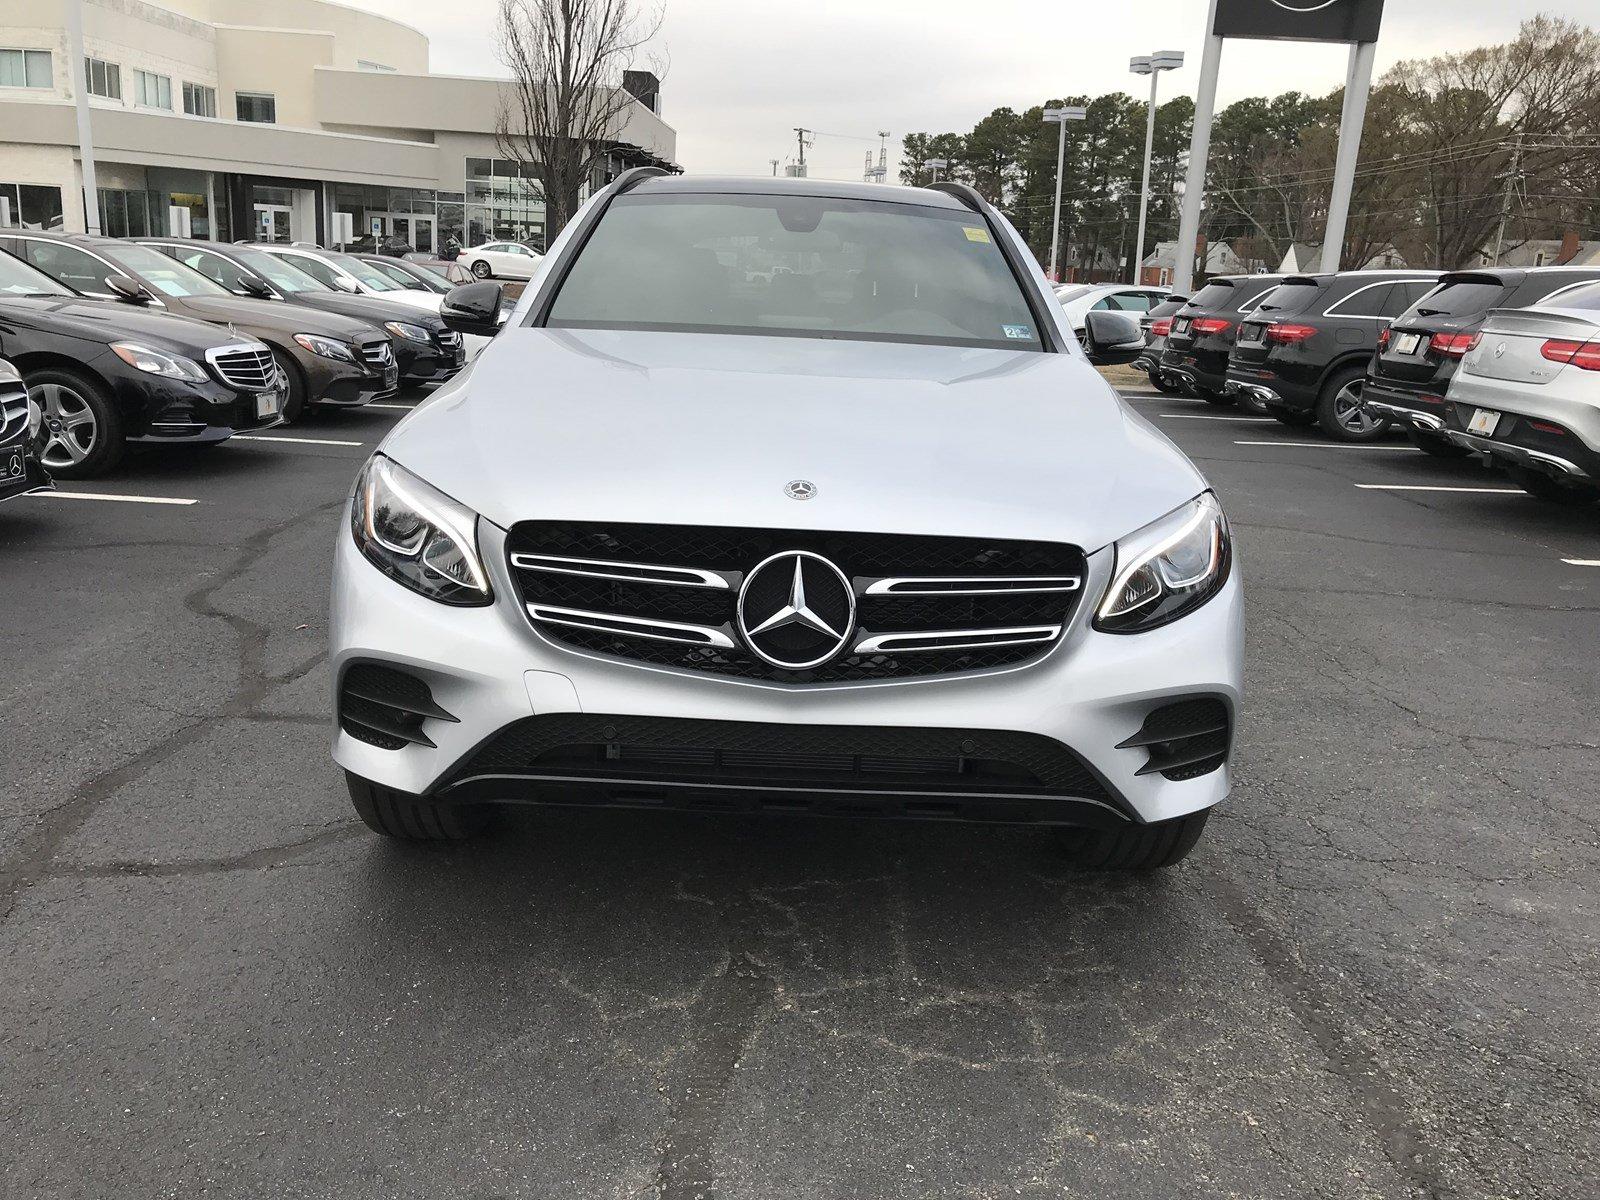 2019 Iridium Silver Metallic Mercedes-Benz GLC